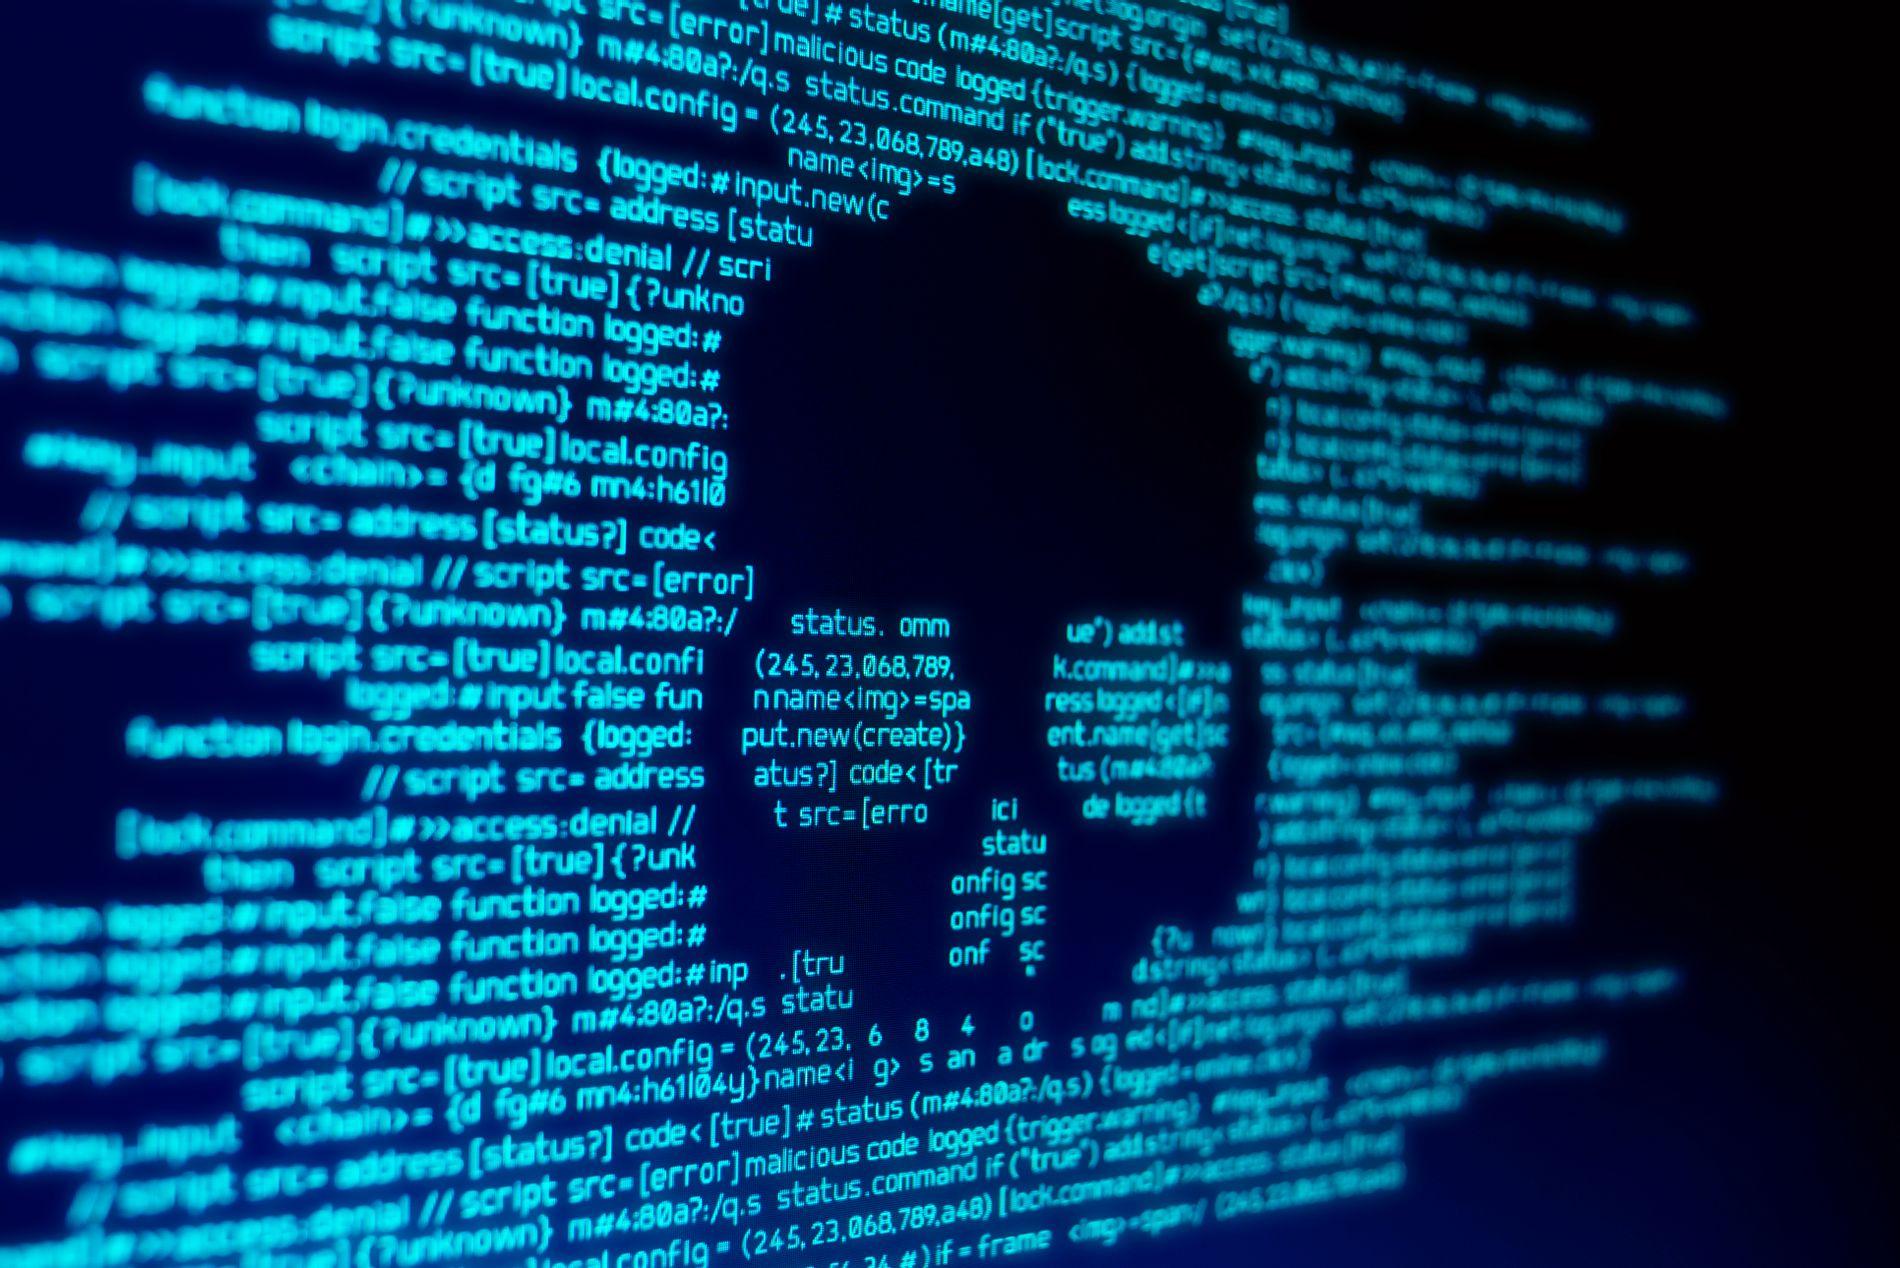 Microsoft рассказала о малвари Adrozek, взломавшей более 30 000 браузеров